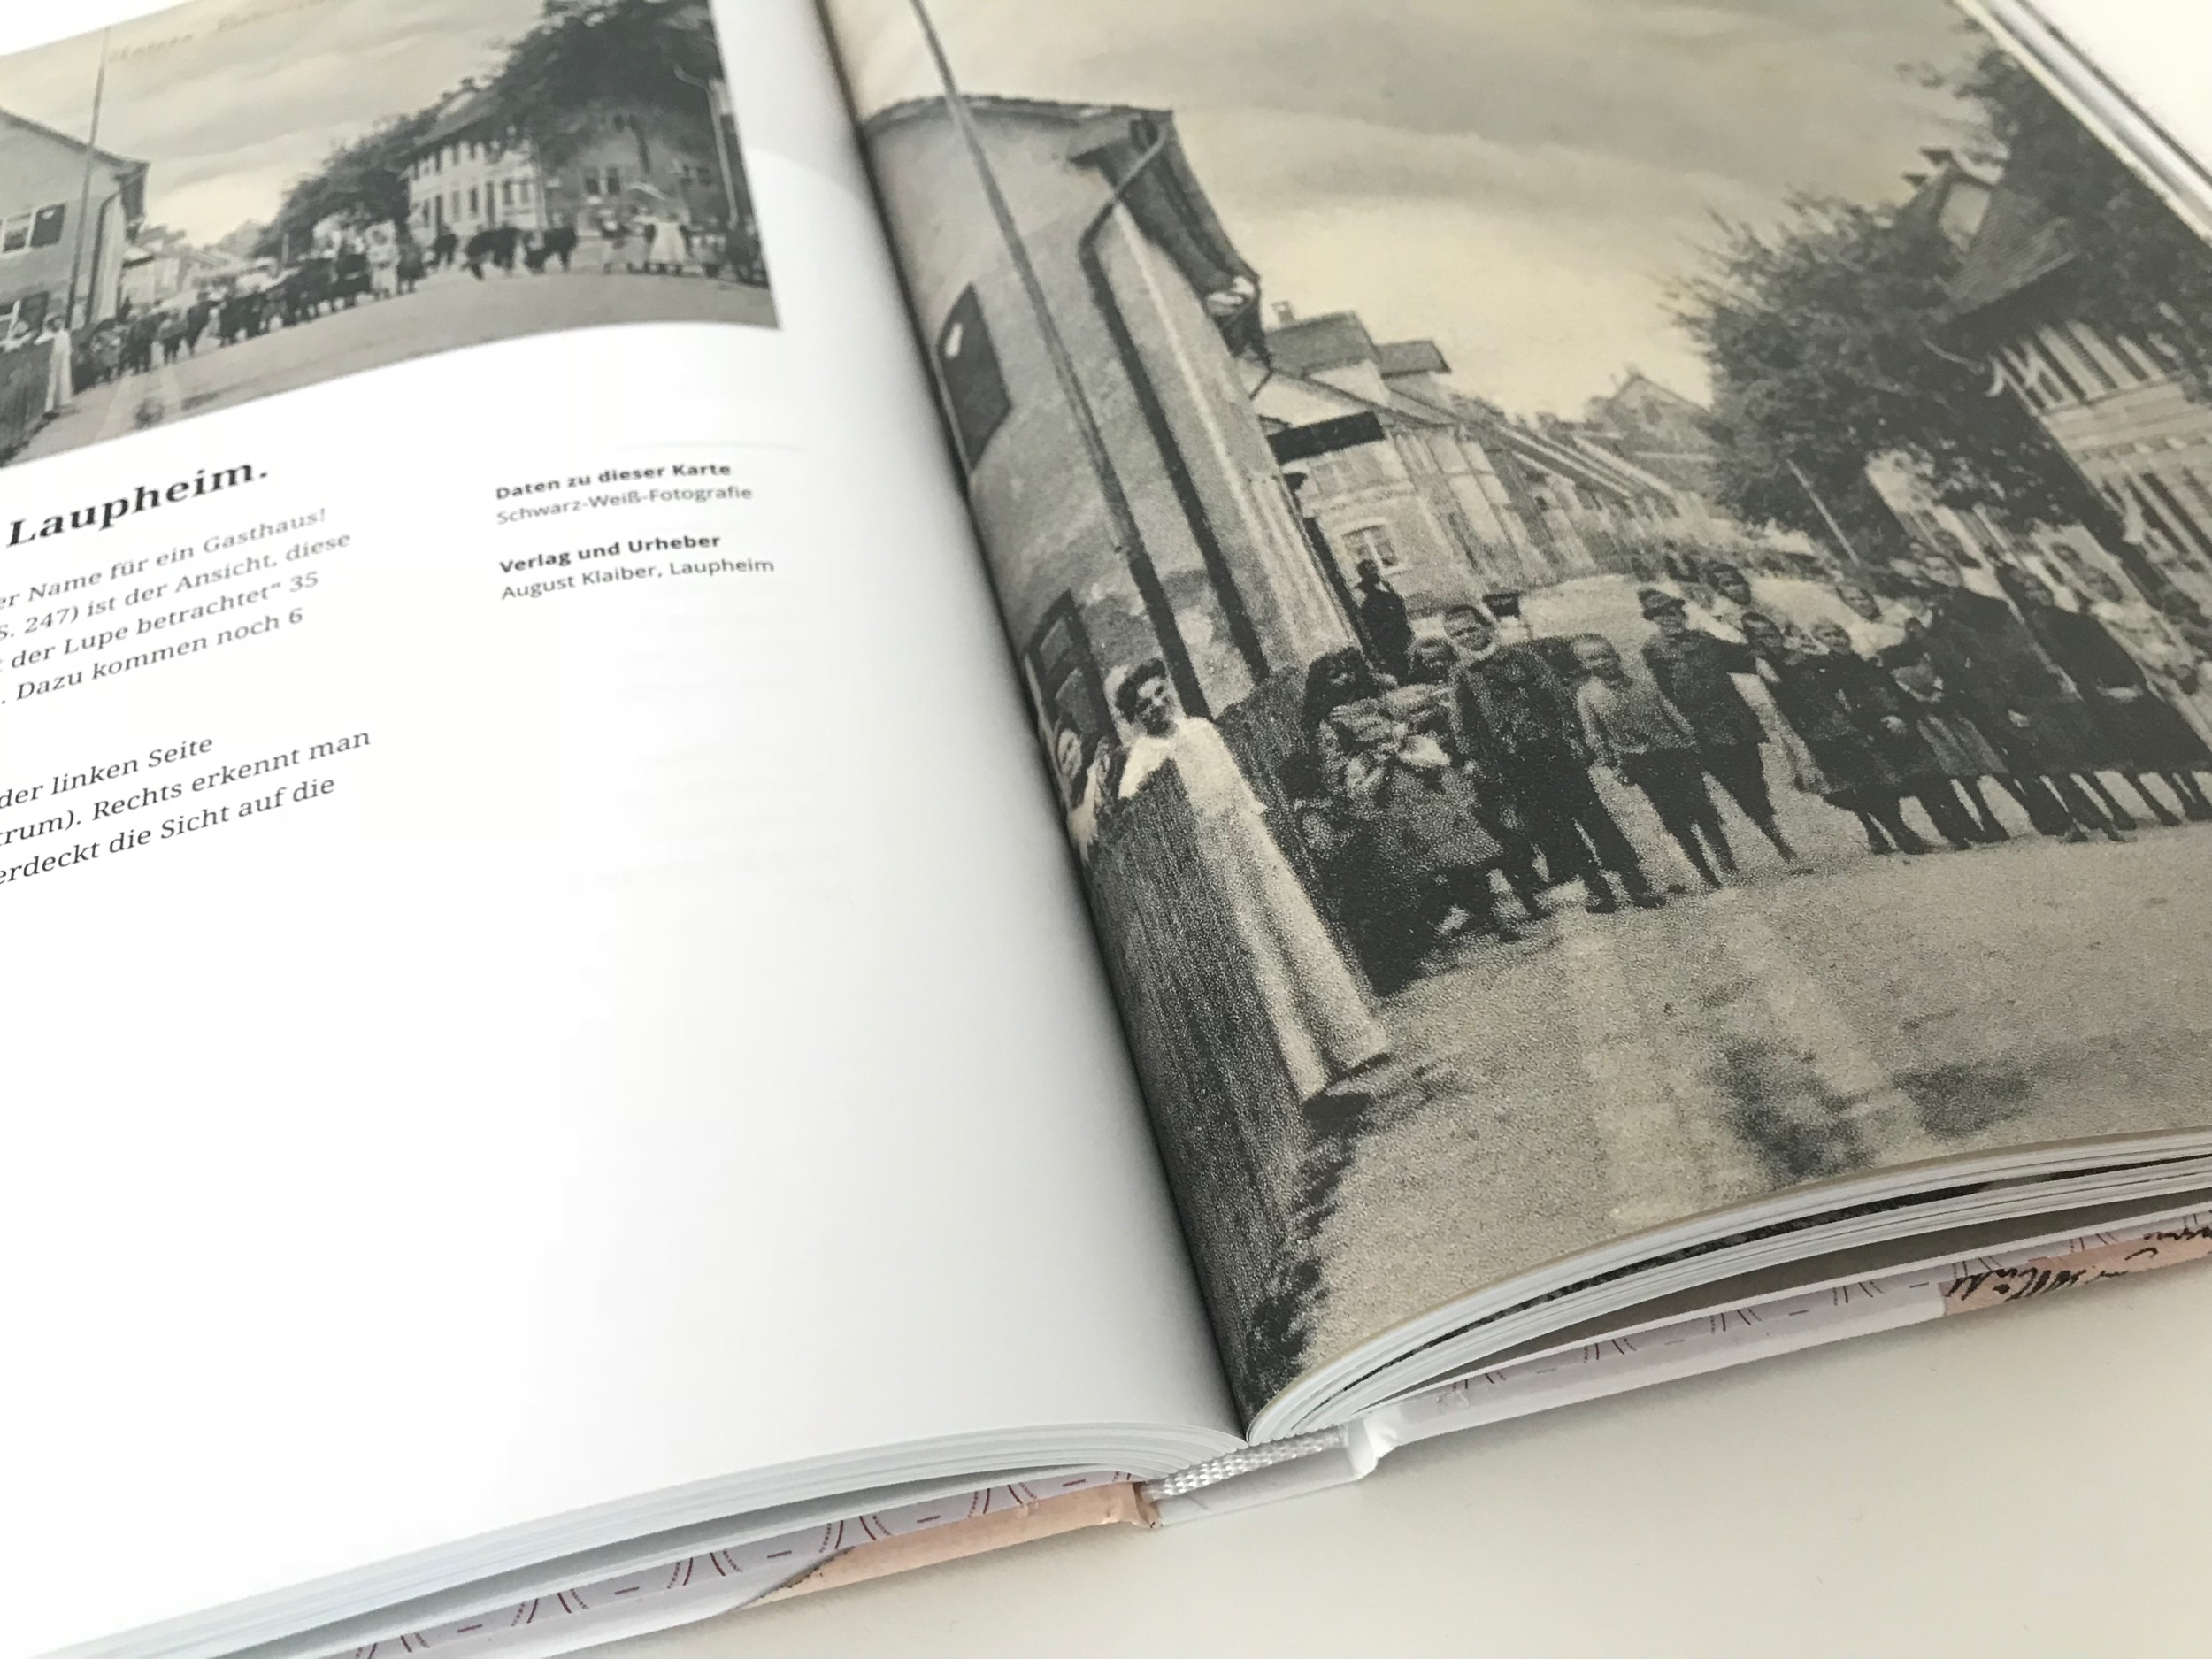 Die gescannten Ansichtskarten sind teils vergrößert und gestochen scharf gedruckt.